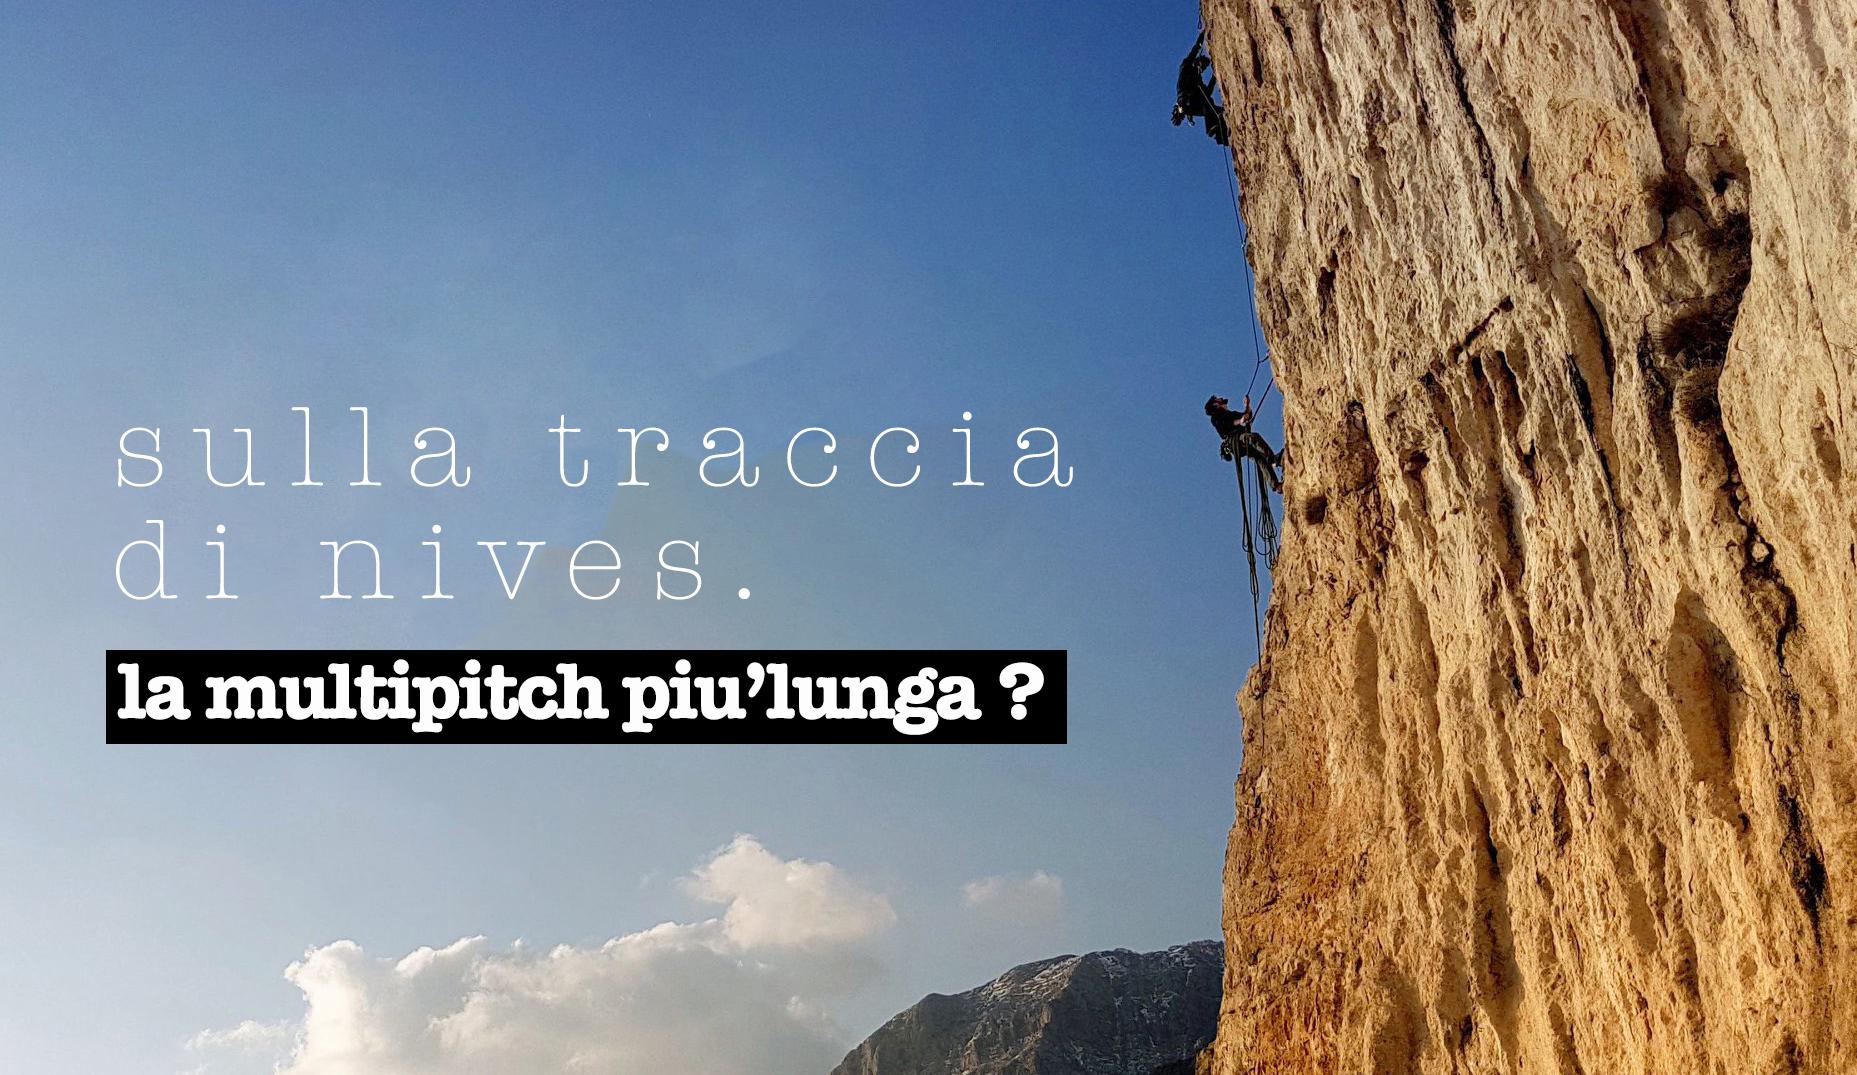 (Italiano) sulla traccia di nives multipitch climbing in costiera amalfitana